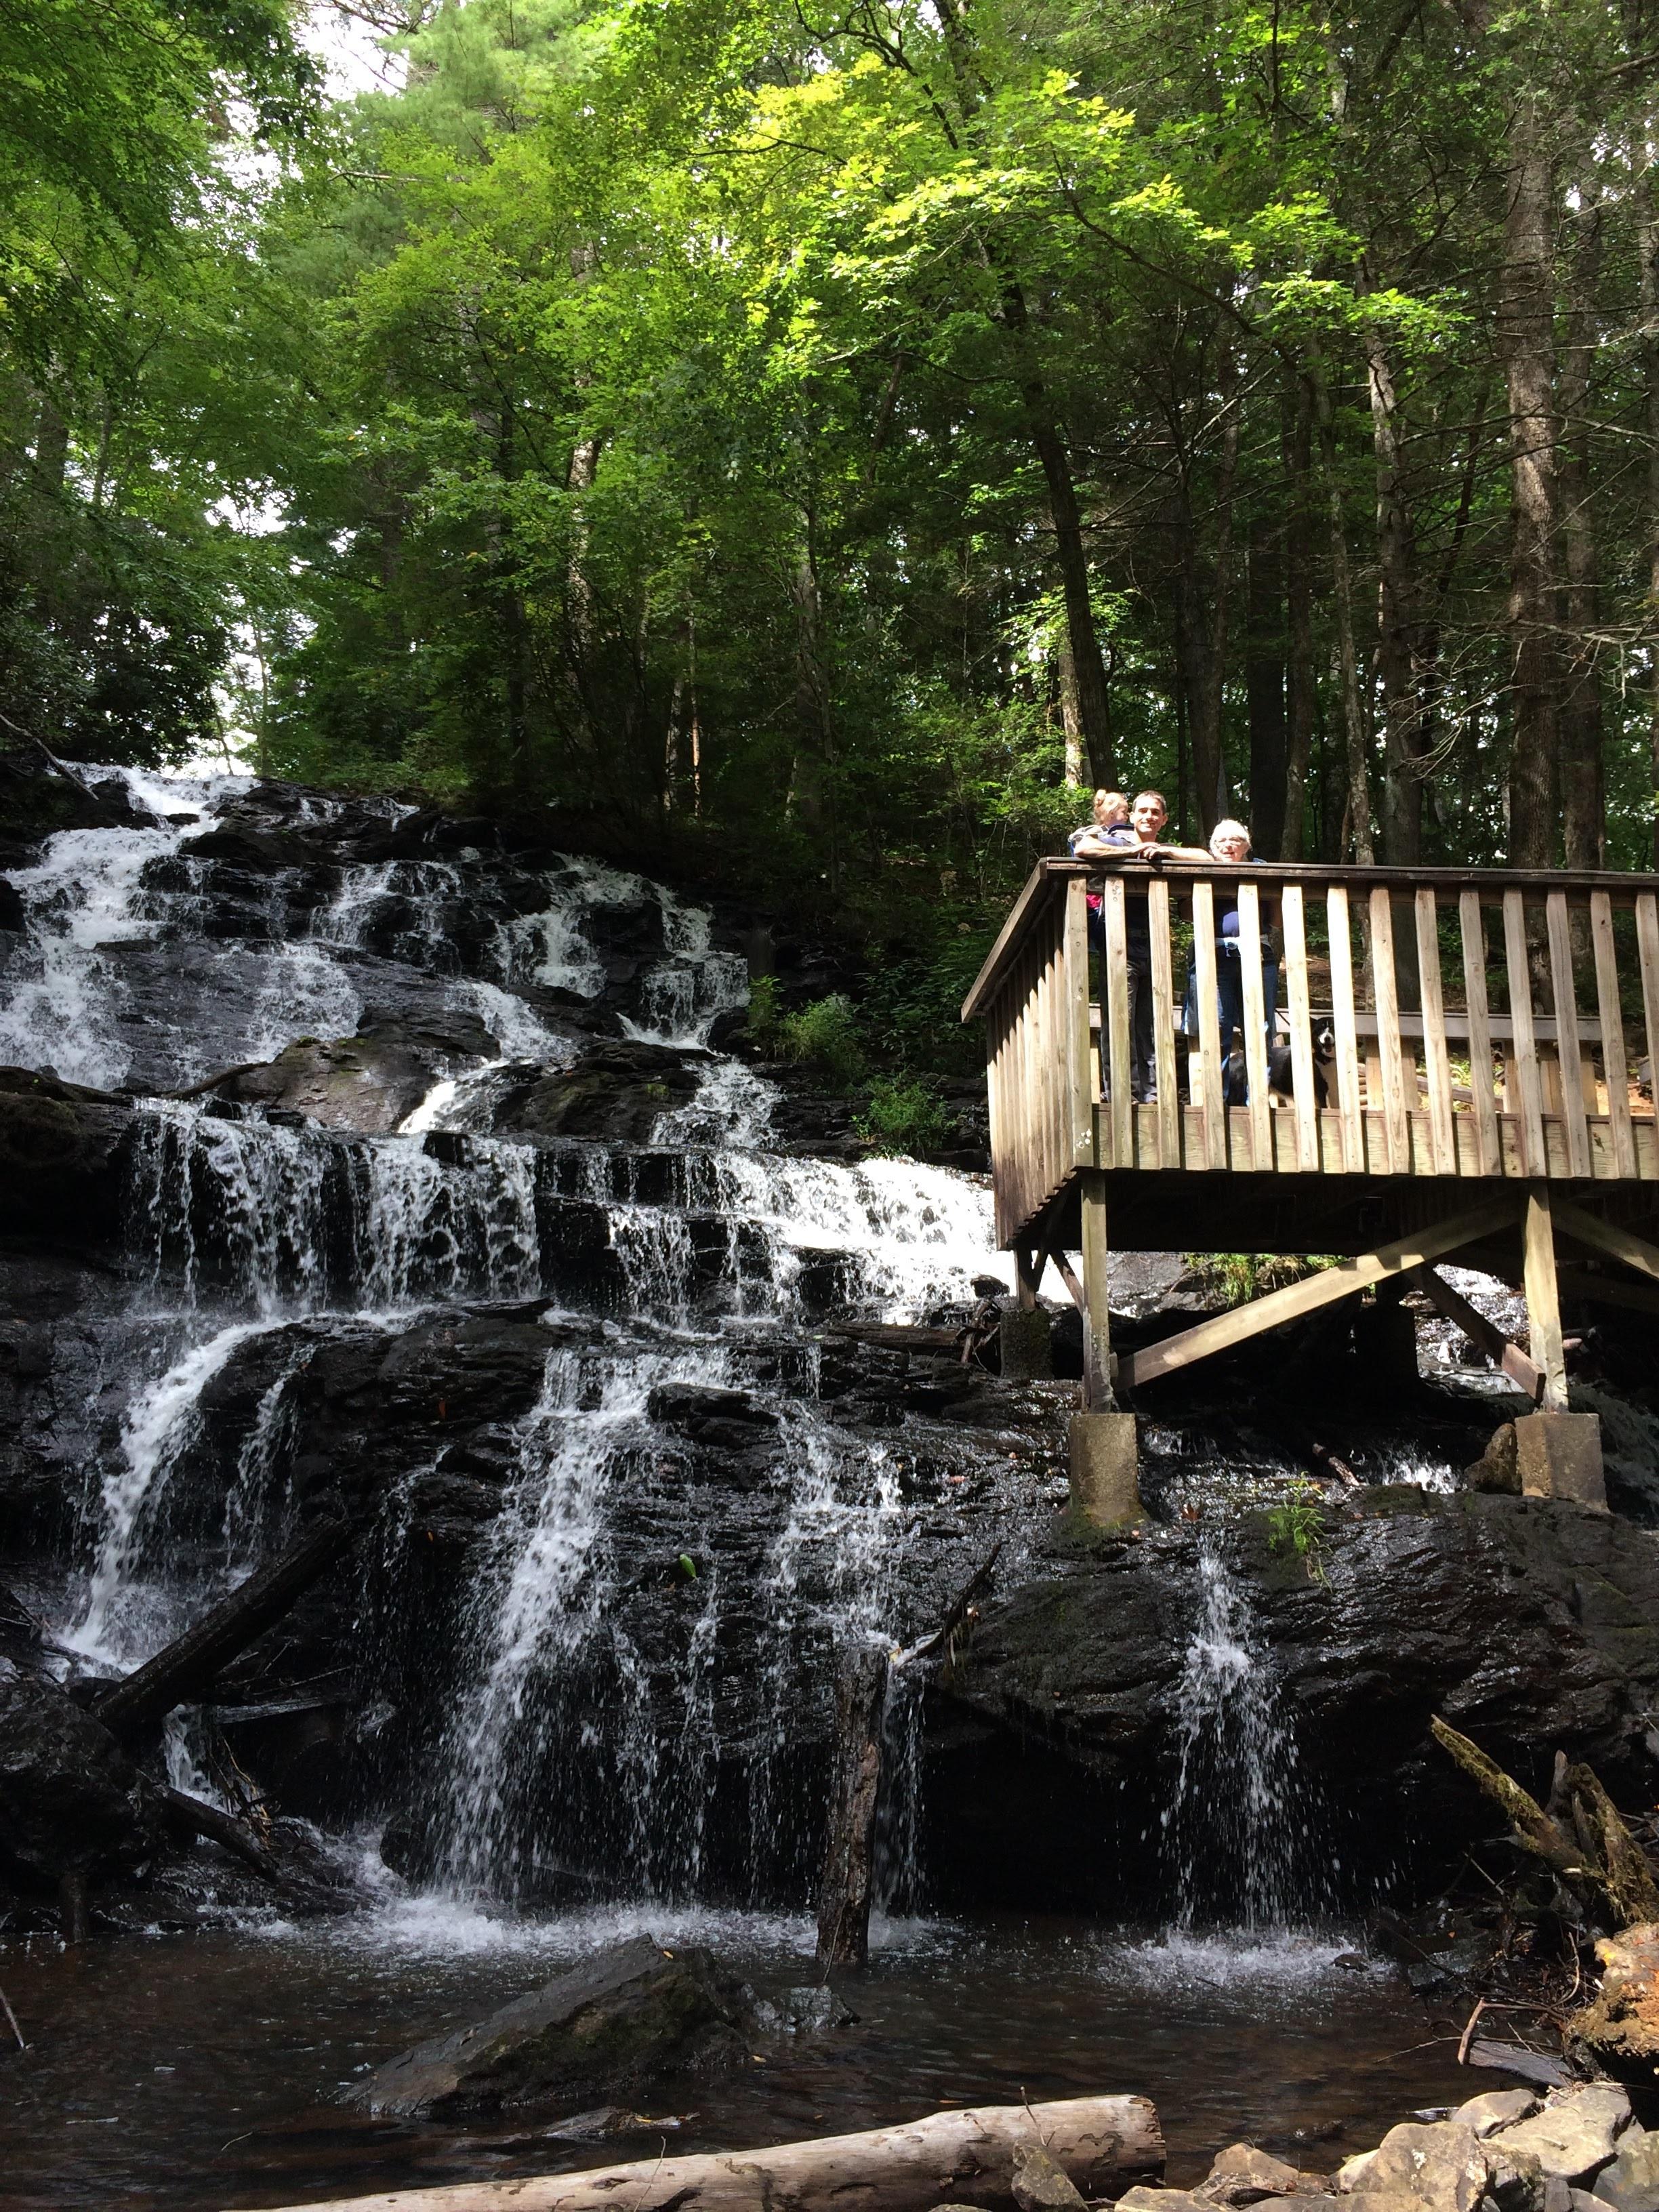 Waterfall at base of lake